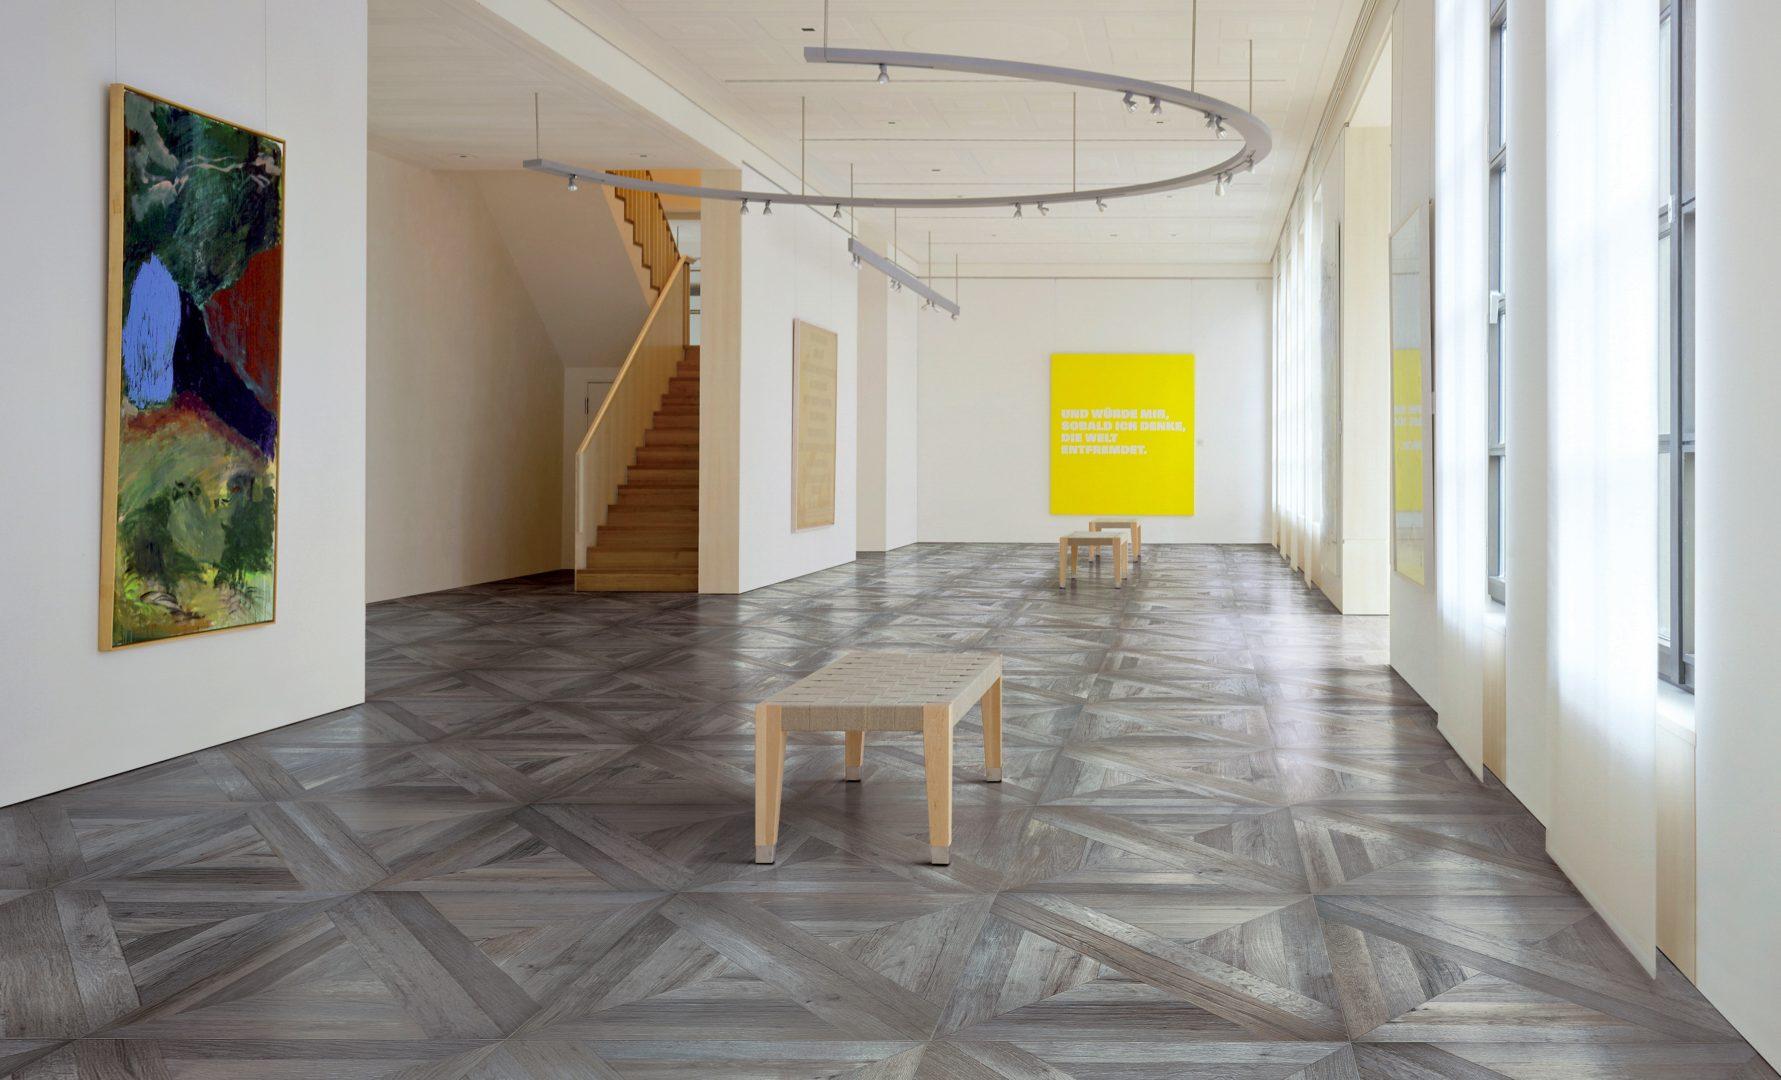 Max-Liebermann-HausArchitekt: Josef Paul Kleihues, BerlinInnenarchitektin: Margit Flaitz, BerlinLichtplanung: Ulrich Reickardt, Dornbirn